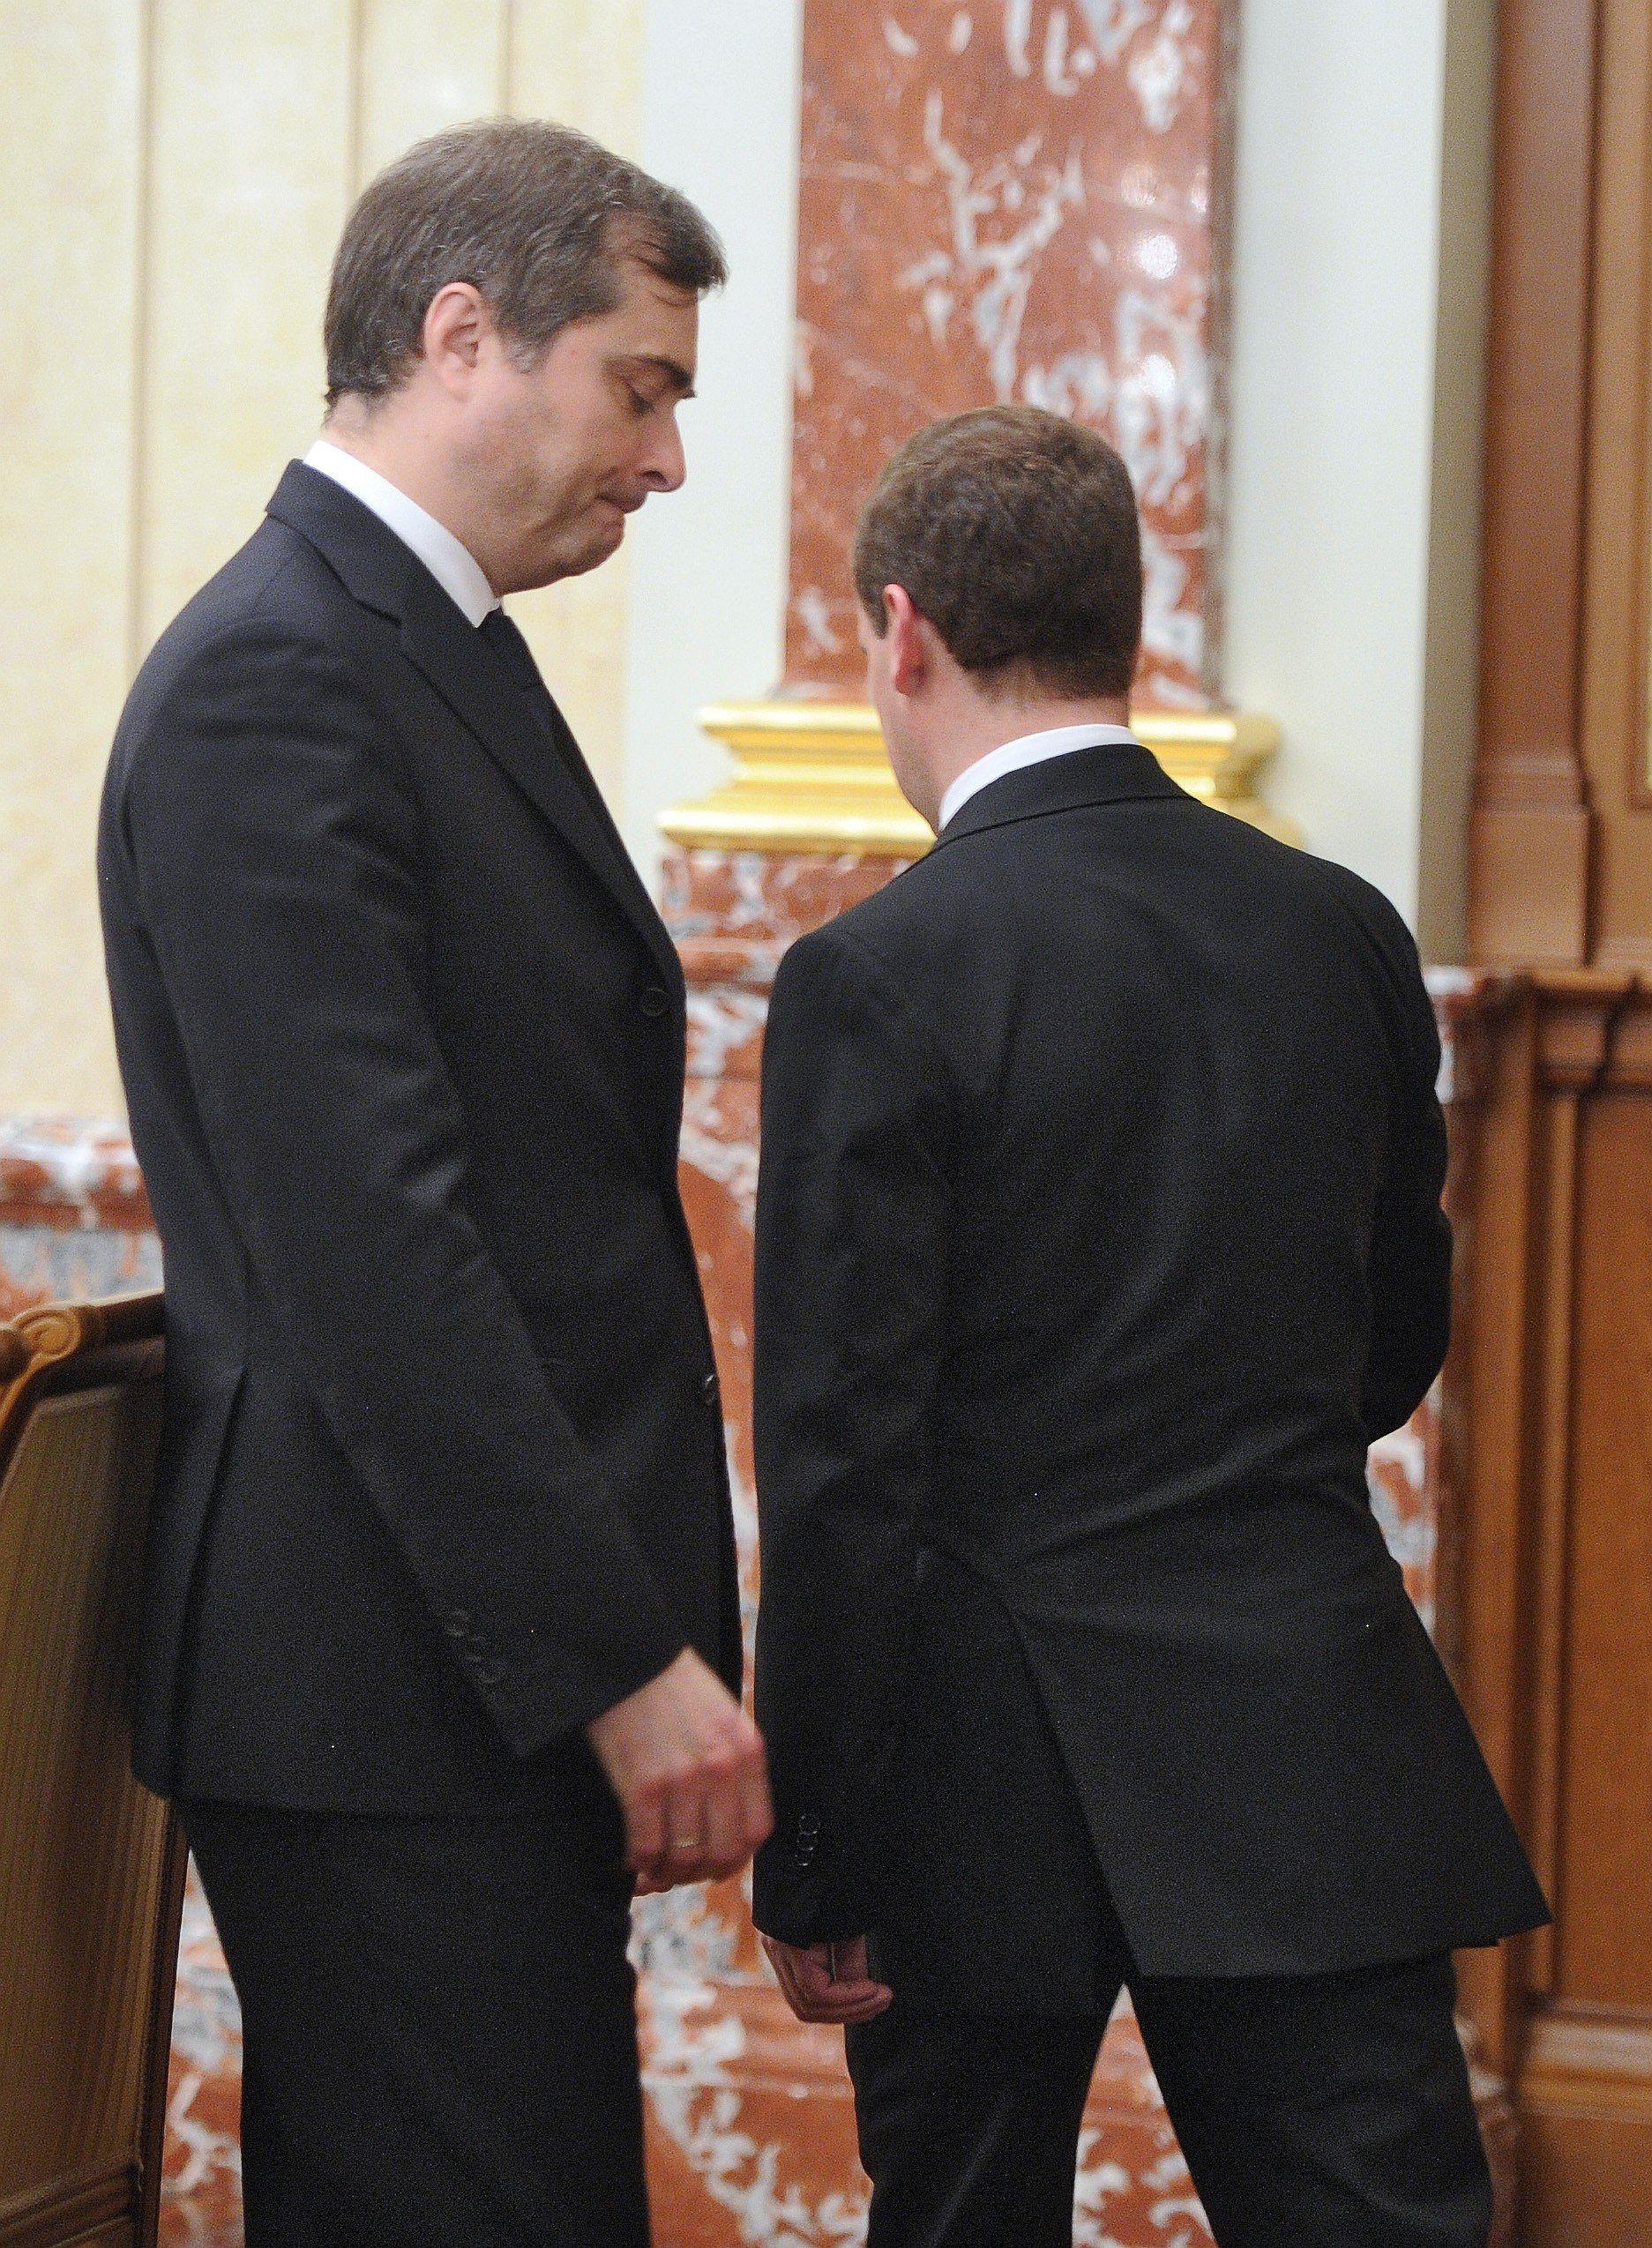 Владислав Сурков играл в правительстве  Дмитрия Медведева настолько важную роль, что вопрос об отставке им пришлось обсуждать дважды